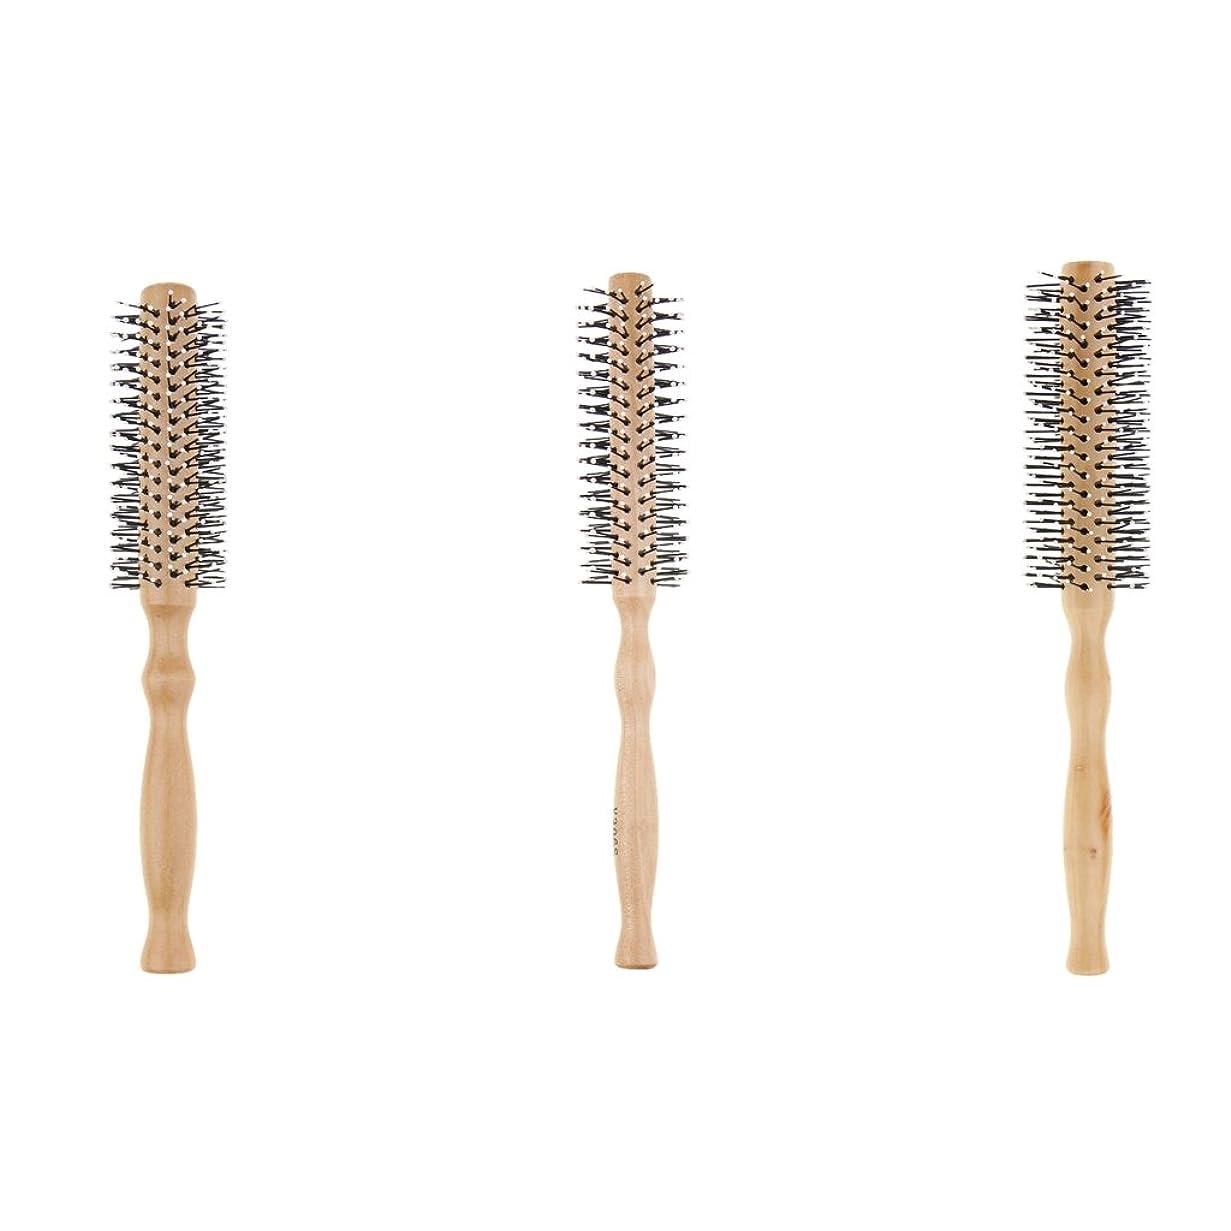 歩く経済さようならP Prettyia 3本 ヘアブラシ ロールブラシ ヘアスタイリング 巻き髪 木製 波状 カール